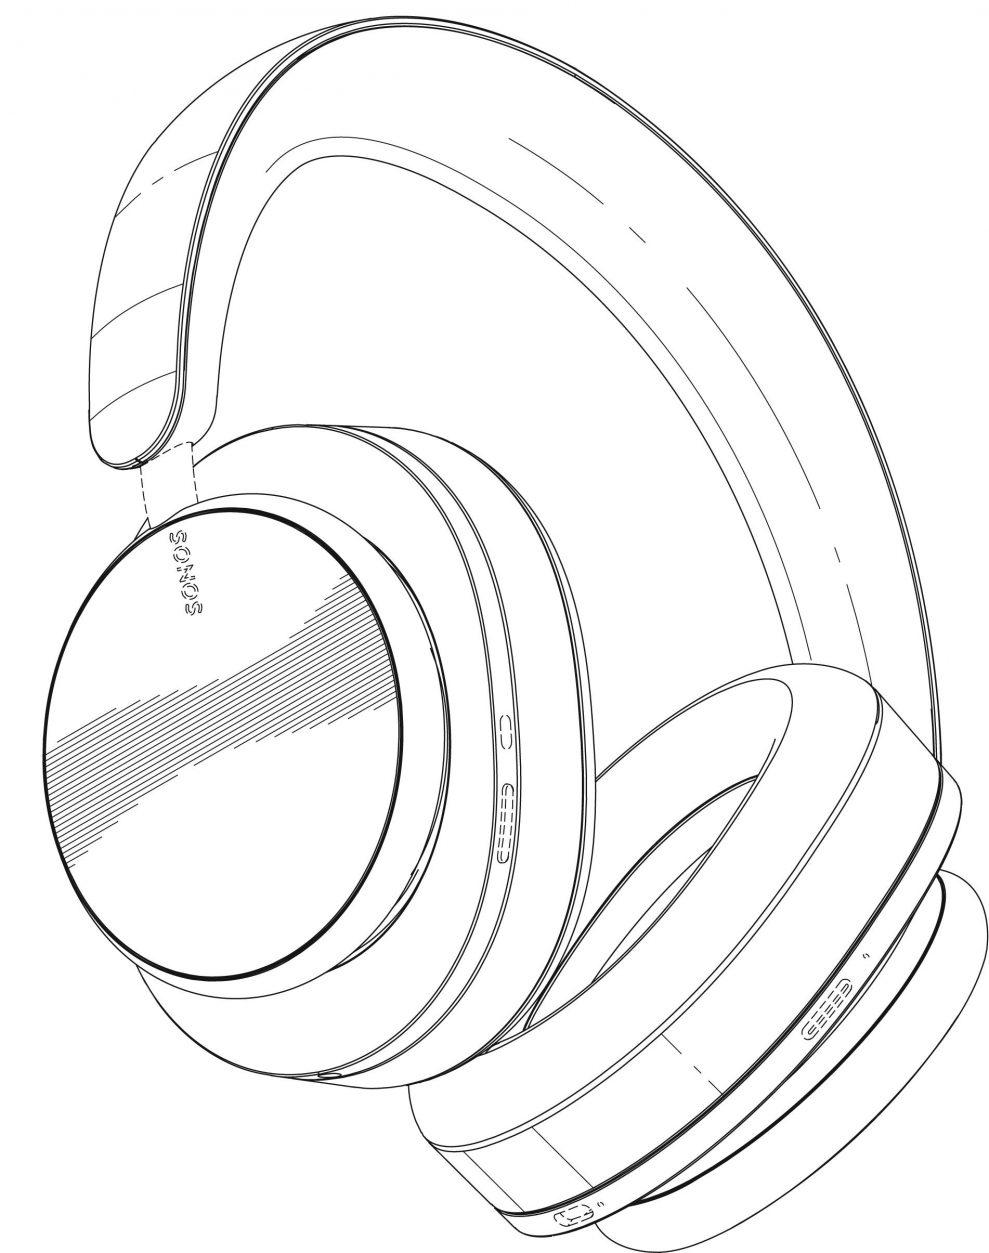 Sonos-headphones-2-989x1253